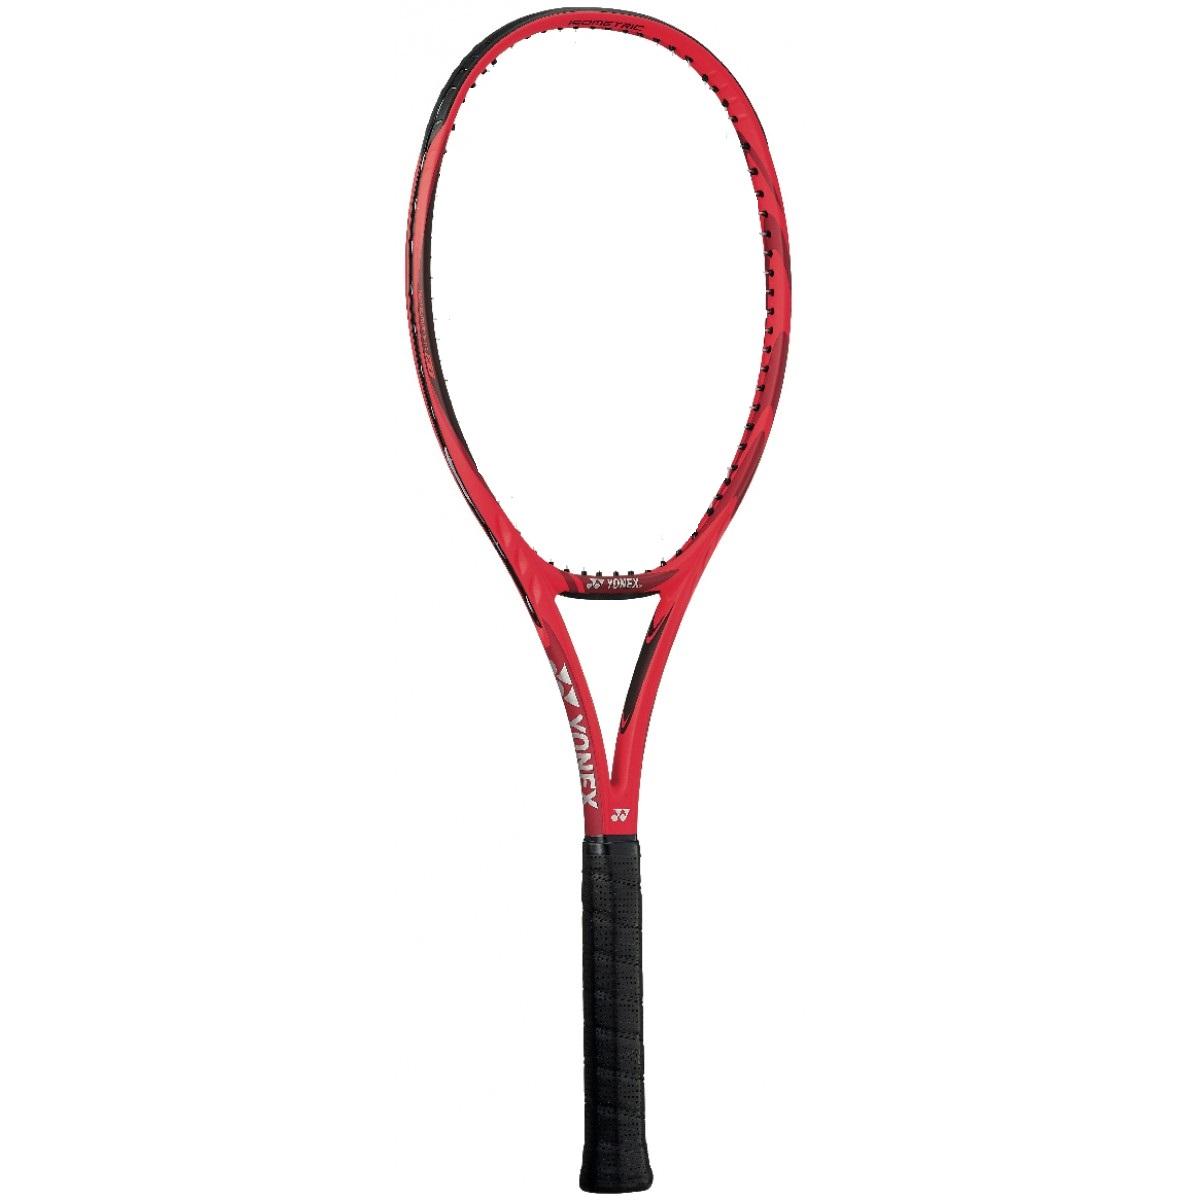 【2018 NEWモデル】YONEX V CORE 95 FLAME (310g) ヨネックス Vコア 95 フレイム テニスラケット